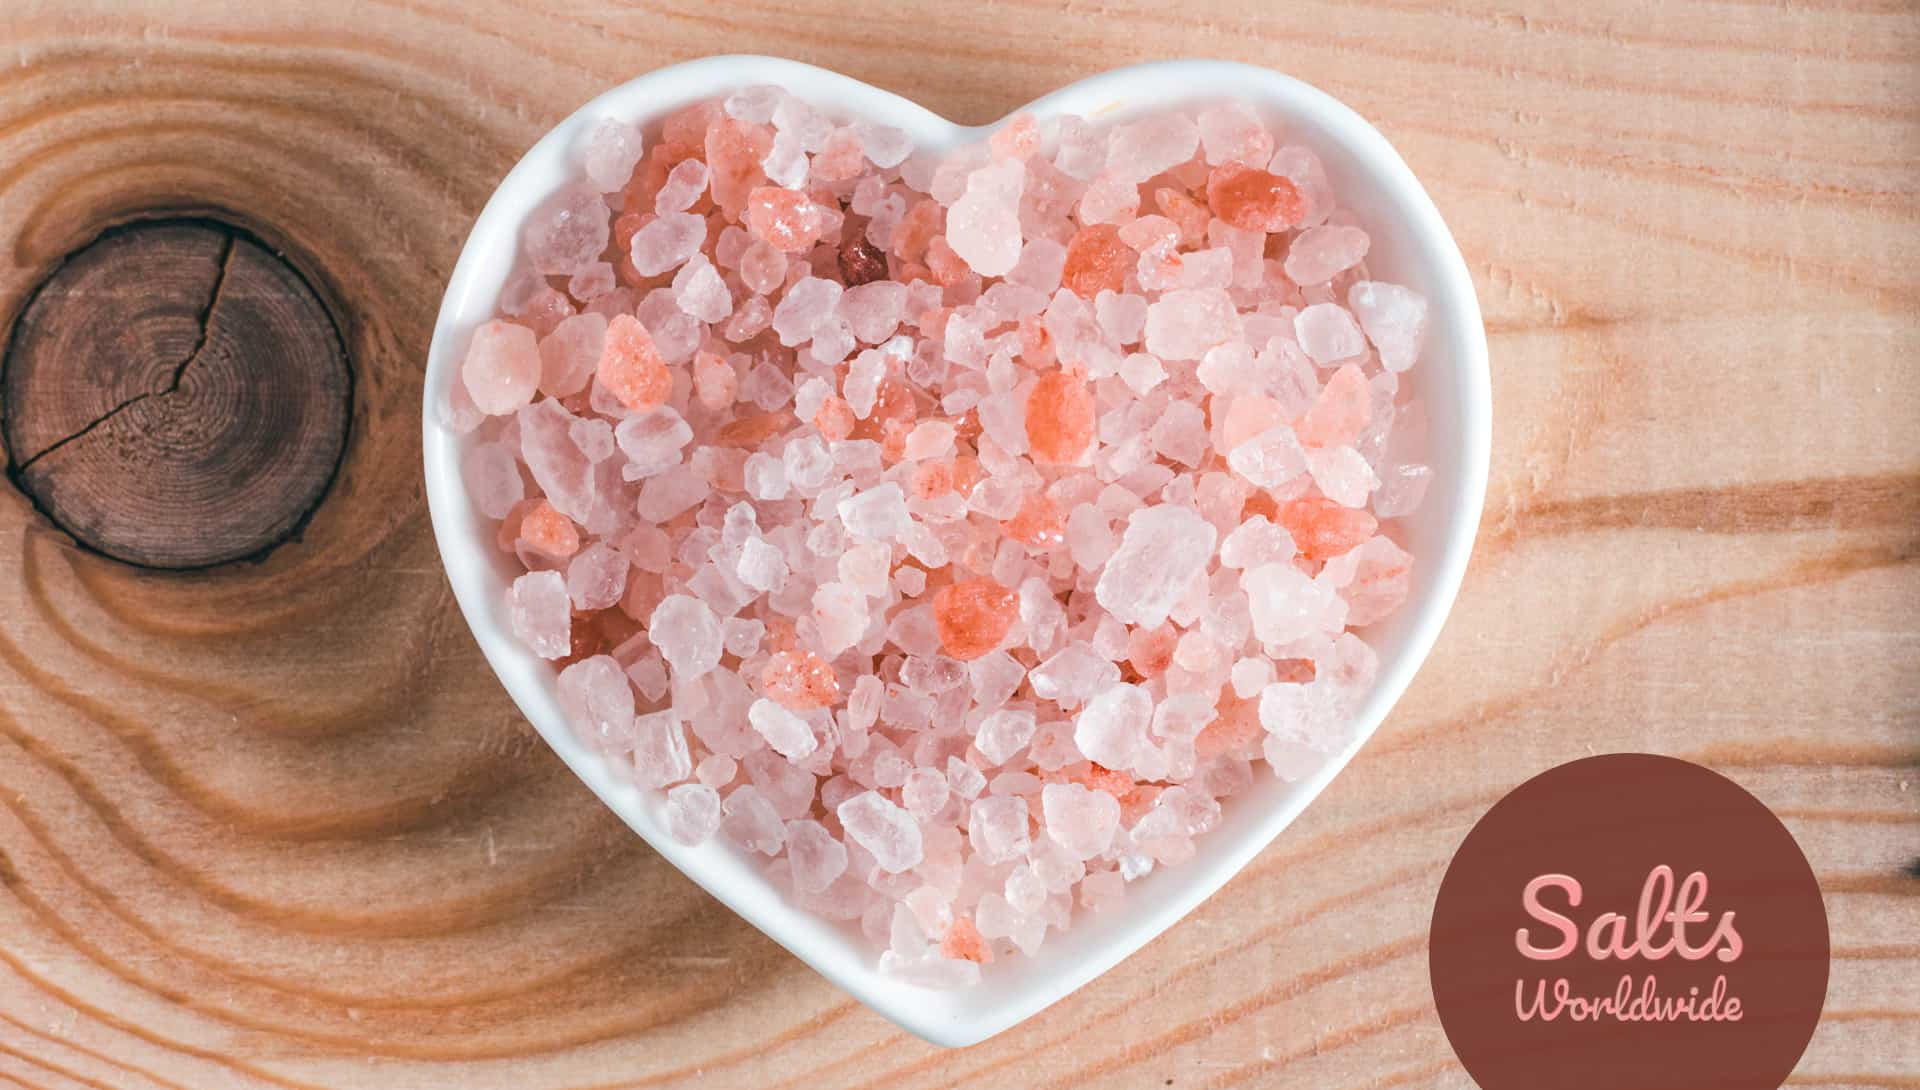 himalayan salt, pink himalayan salt, himalayan pink salt, pink salt